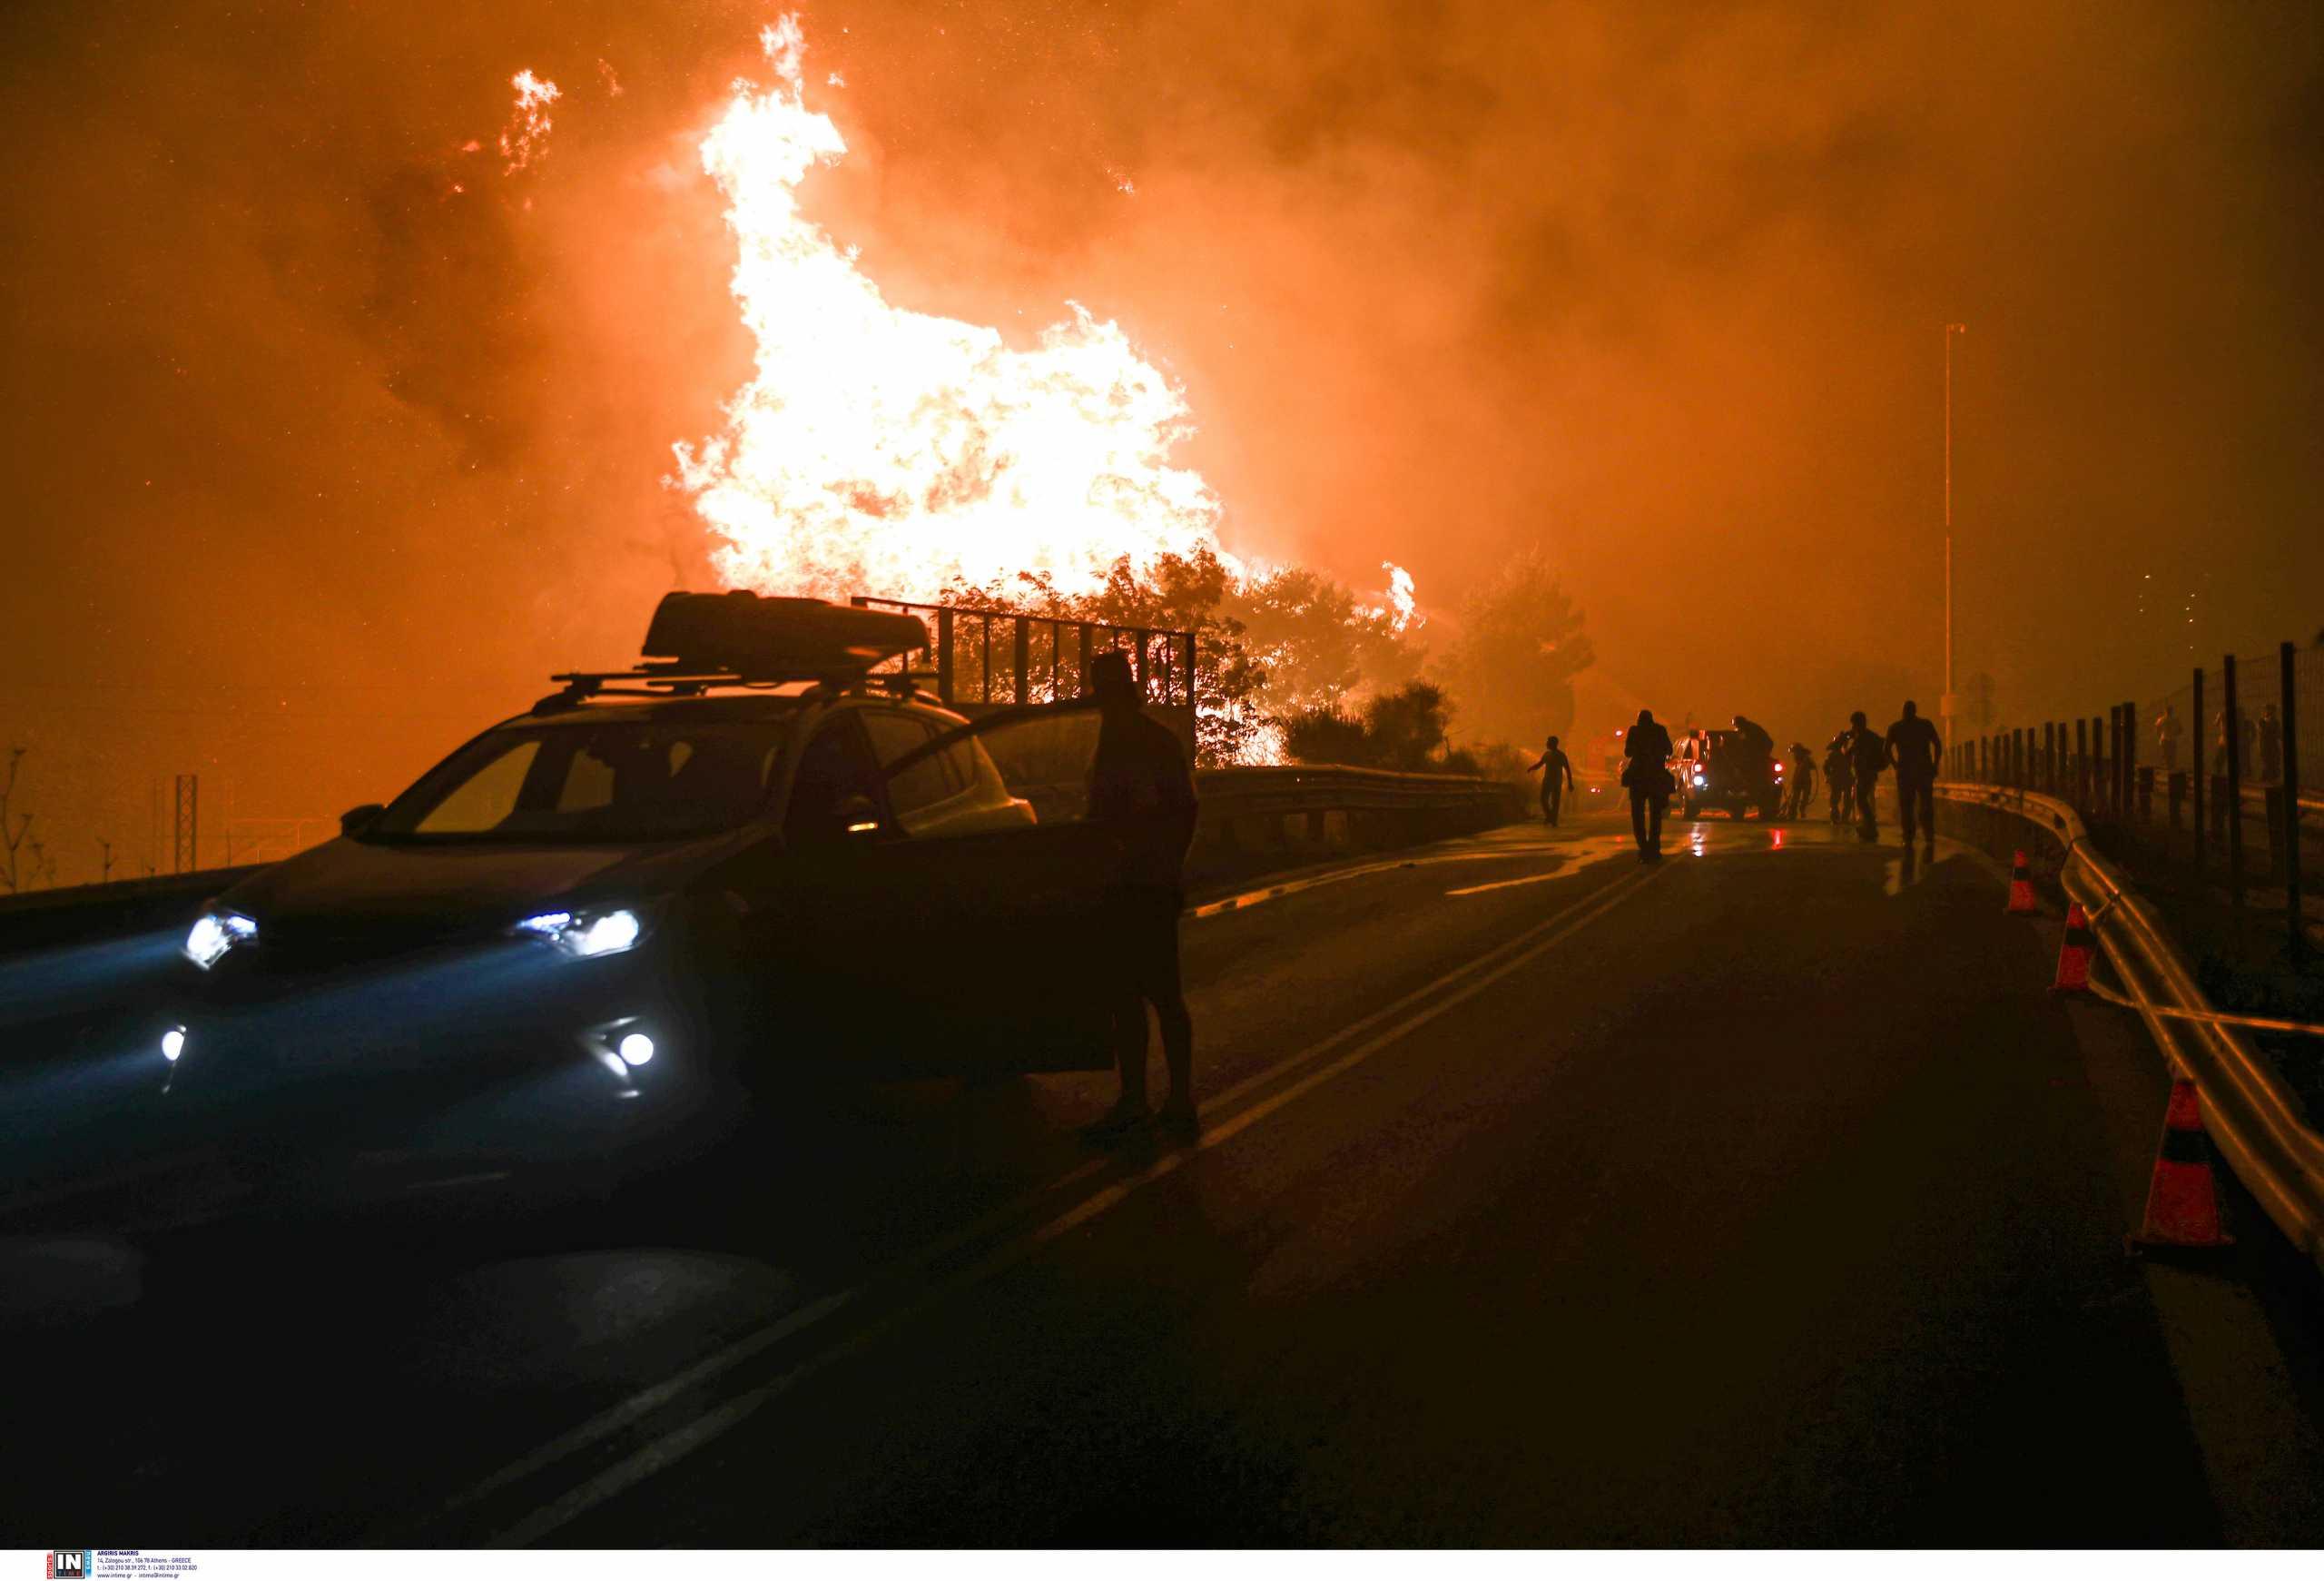 Φωτιά στην Αττική: Διακόπηκε η κυκλοφορία στην Αθηνών – Λαμίας – Όλες οι ρυθμίσεις